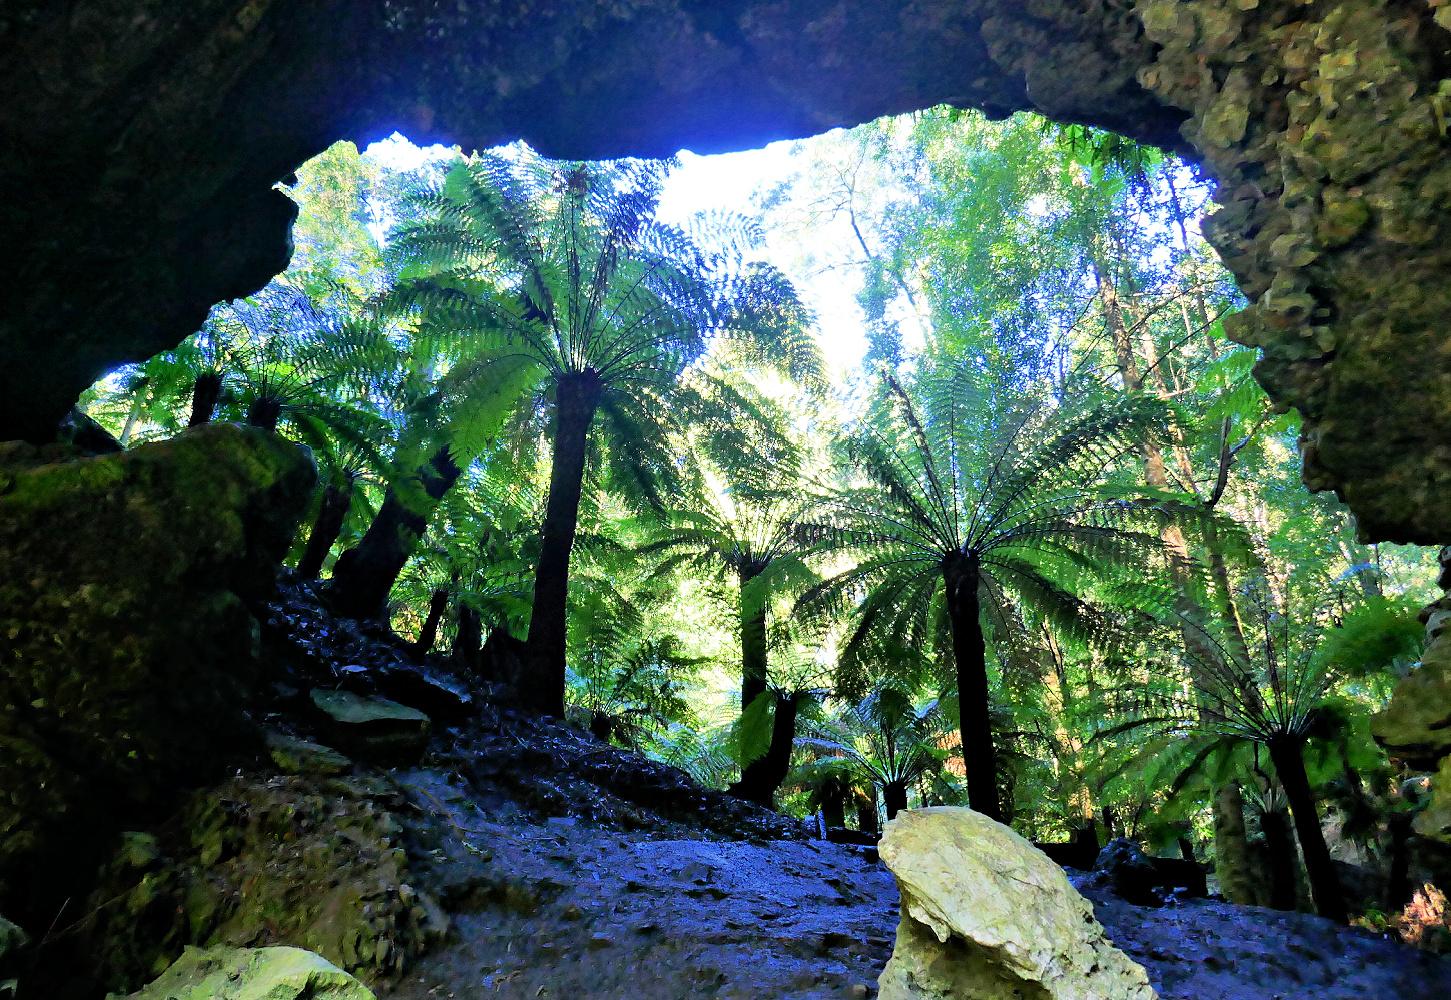 Tree ferns at Trowutta Arch